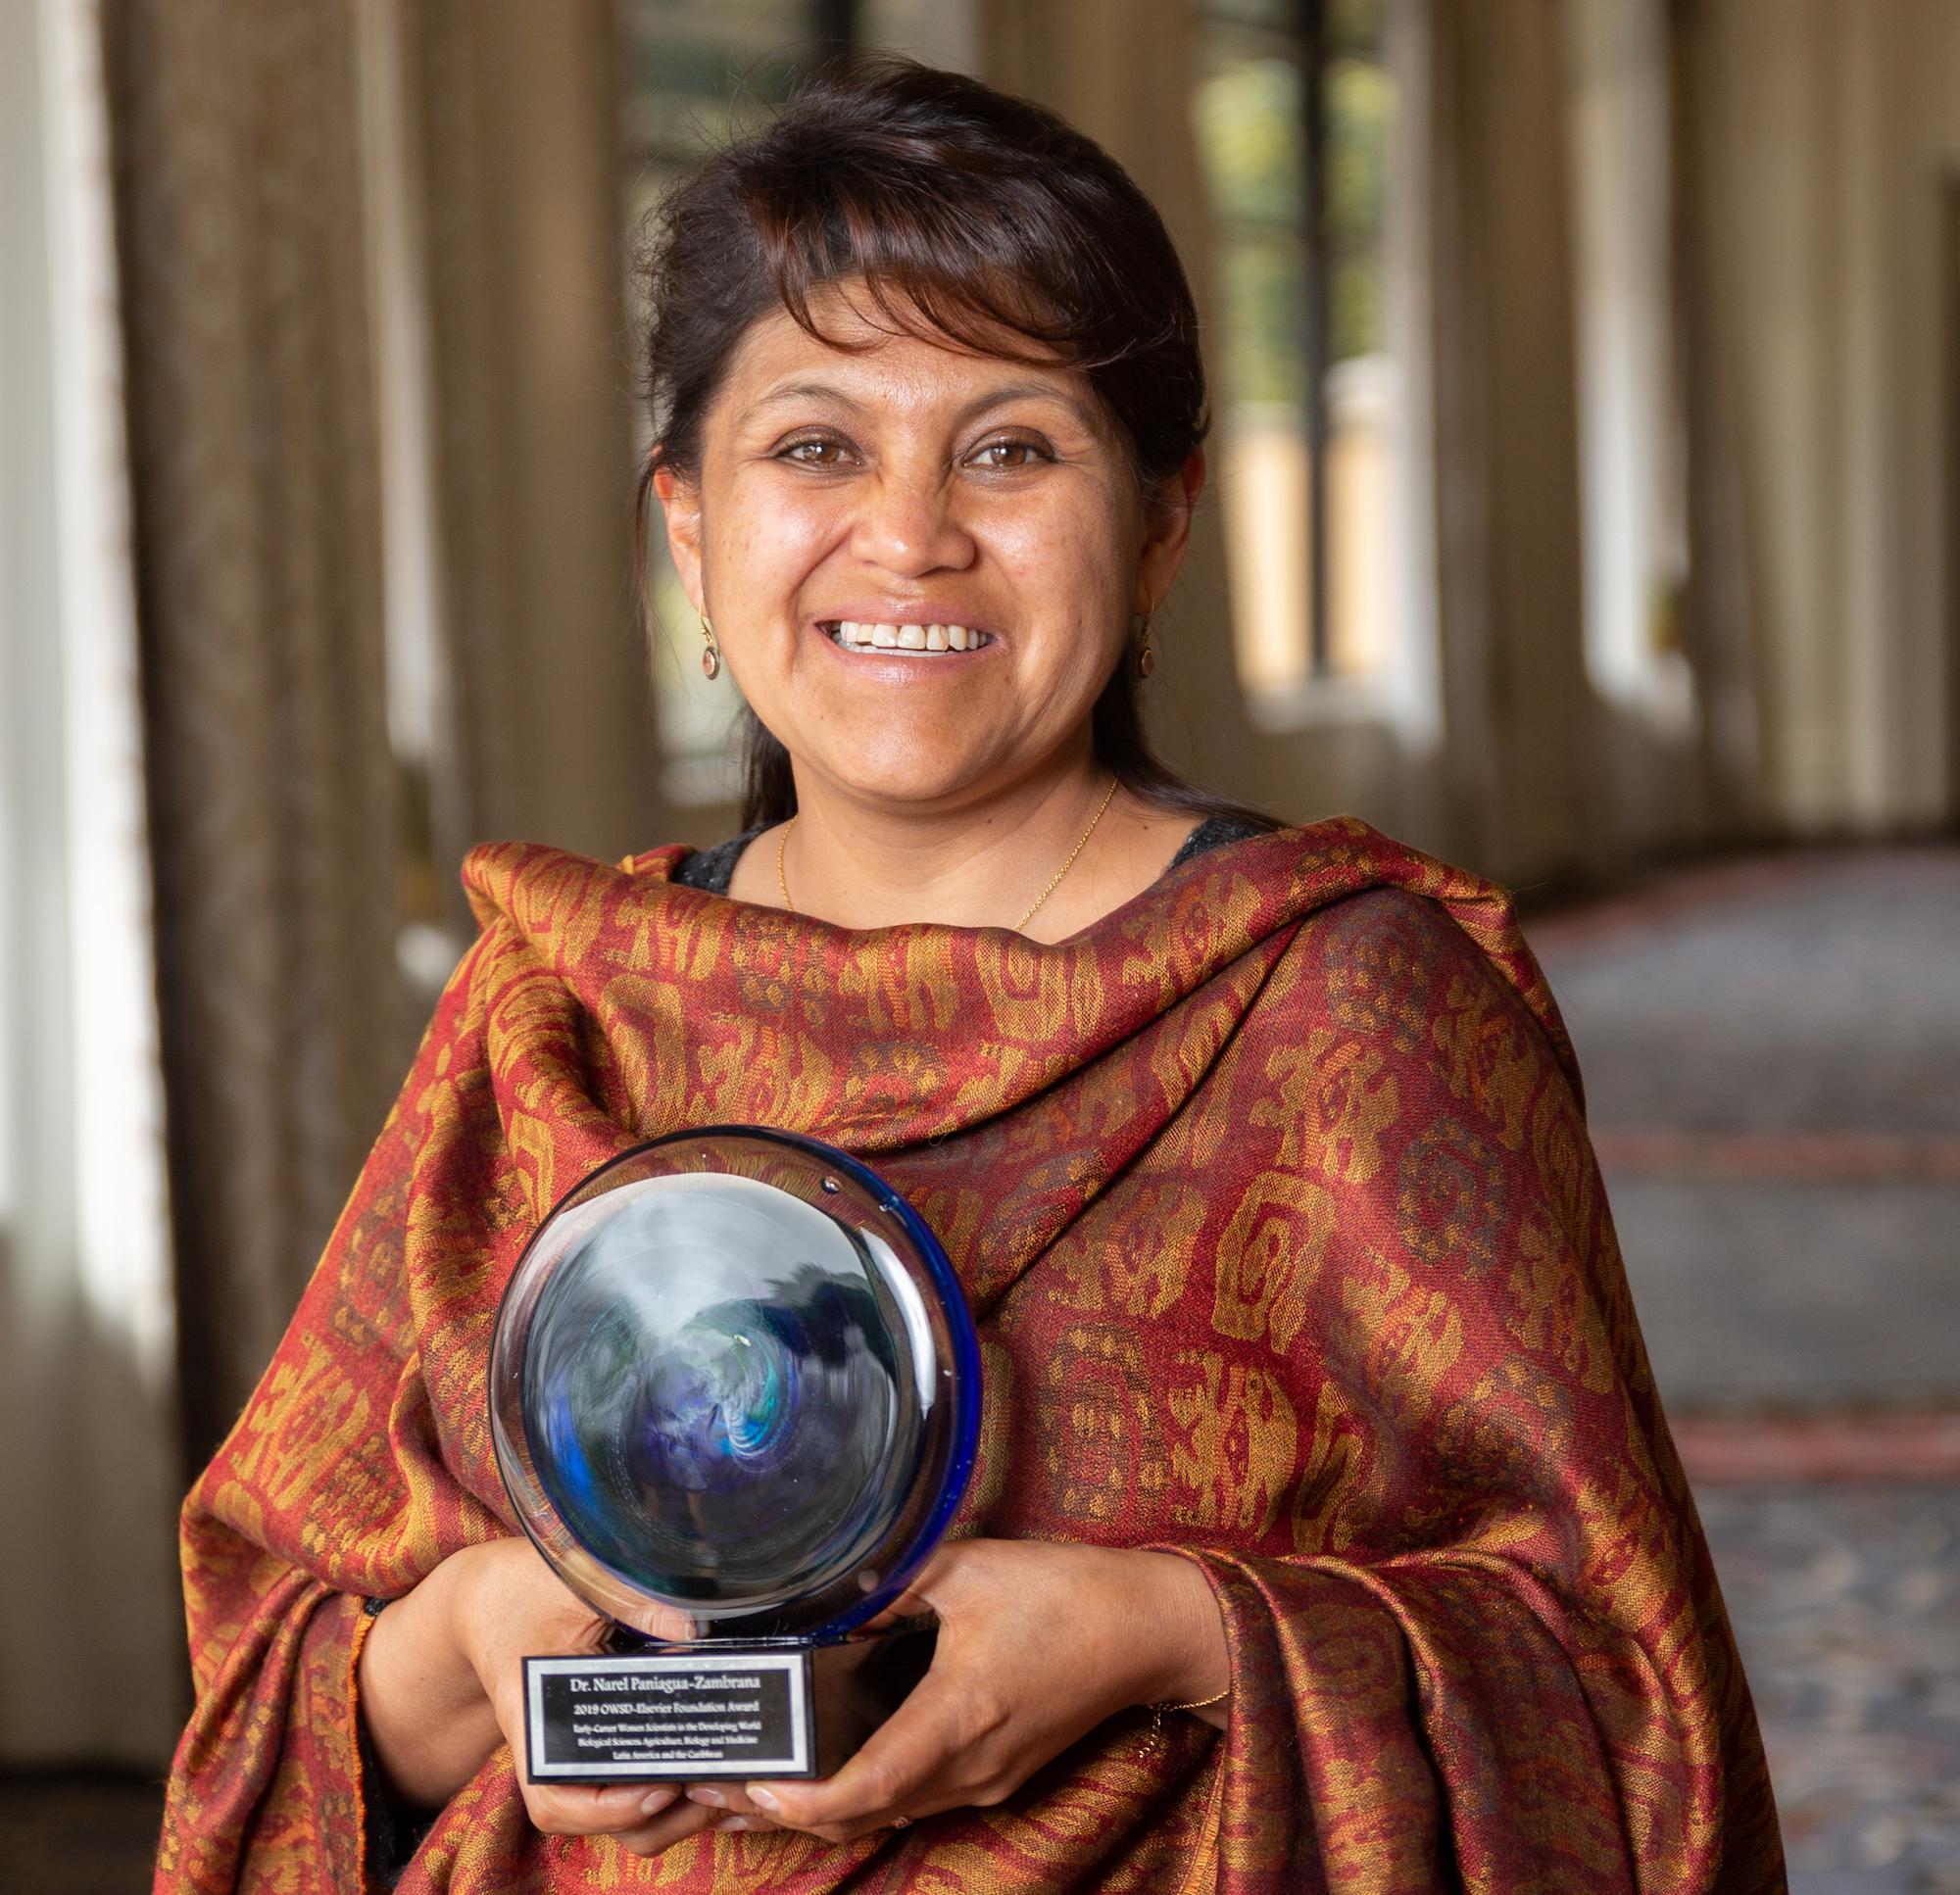 Ganadora del premio de la Fundación Elsevier ha pedido al presidente Evo Morales que se declare el Día Nacional de la Mujer Científica Boliviana. Foto: Fundación Elsevier.